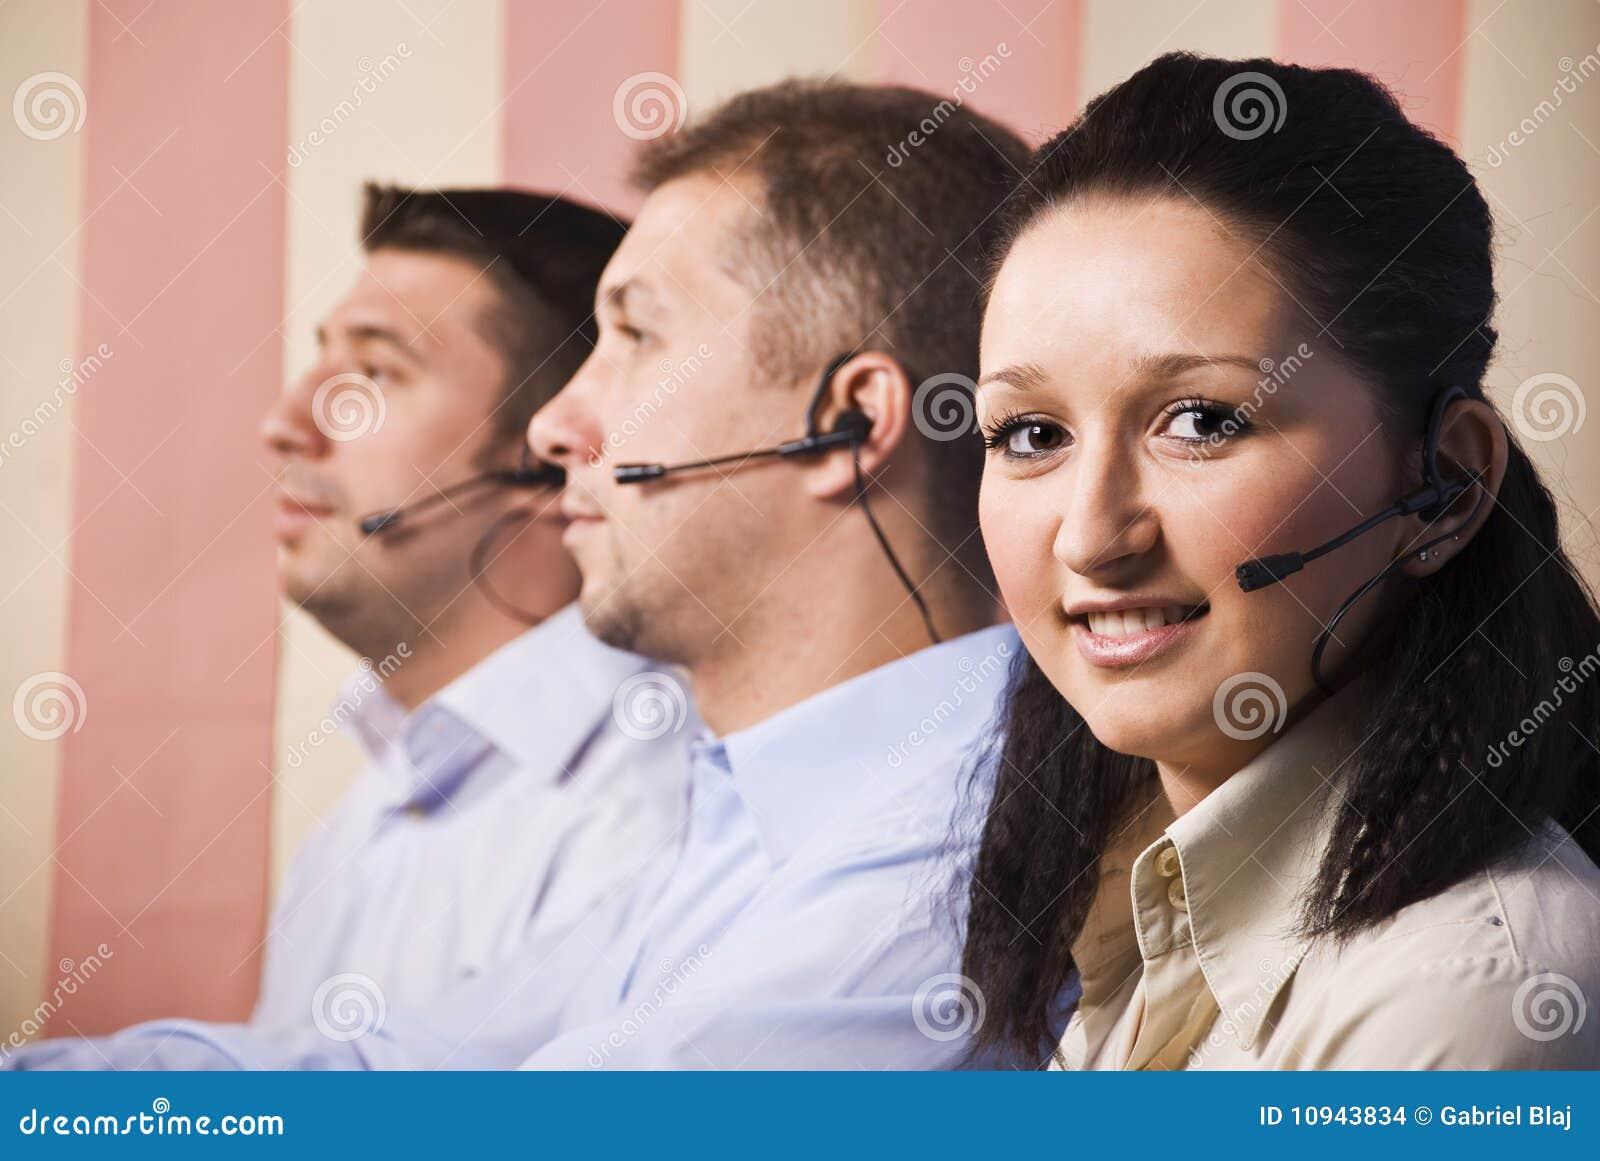 люди шлемофона центра телефонного обслуживания